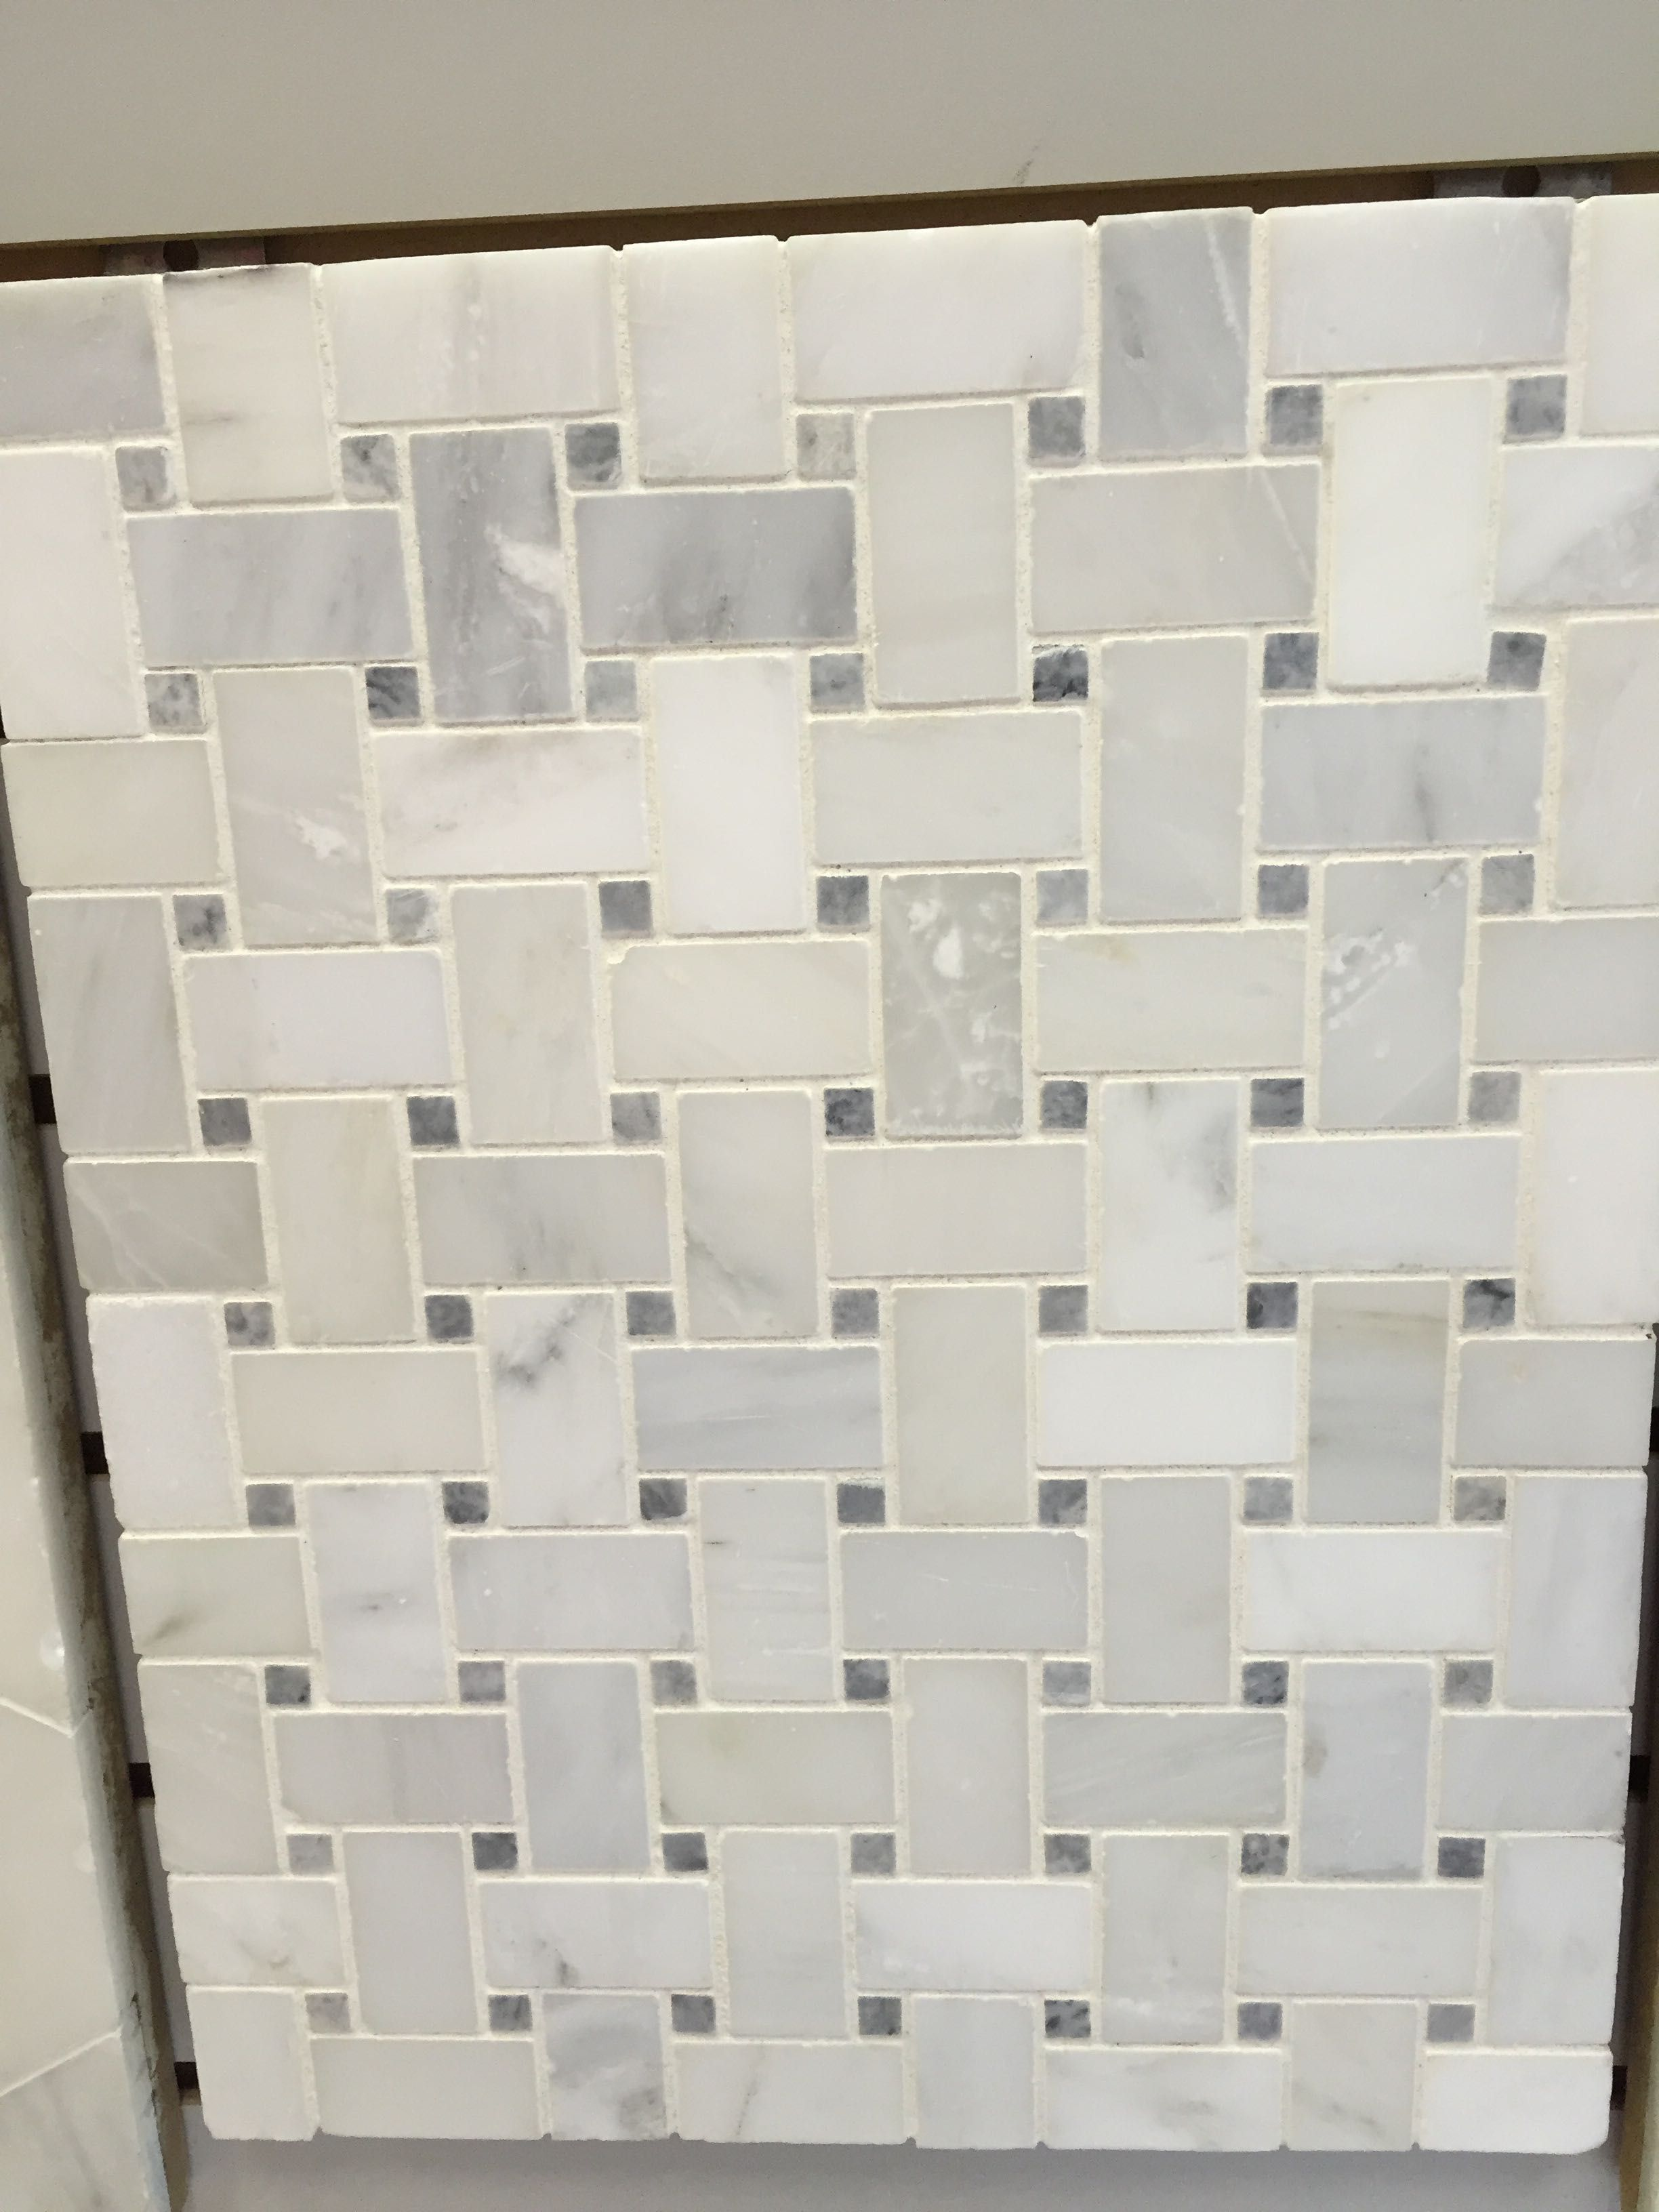 - Tile Sample For Kitchen Backsplash Kitchen Backsplash, Tile